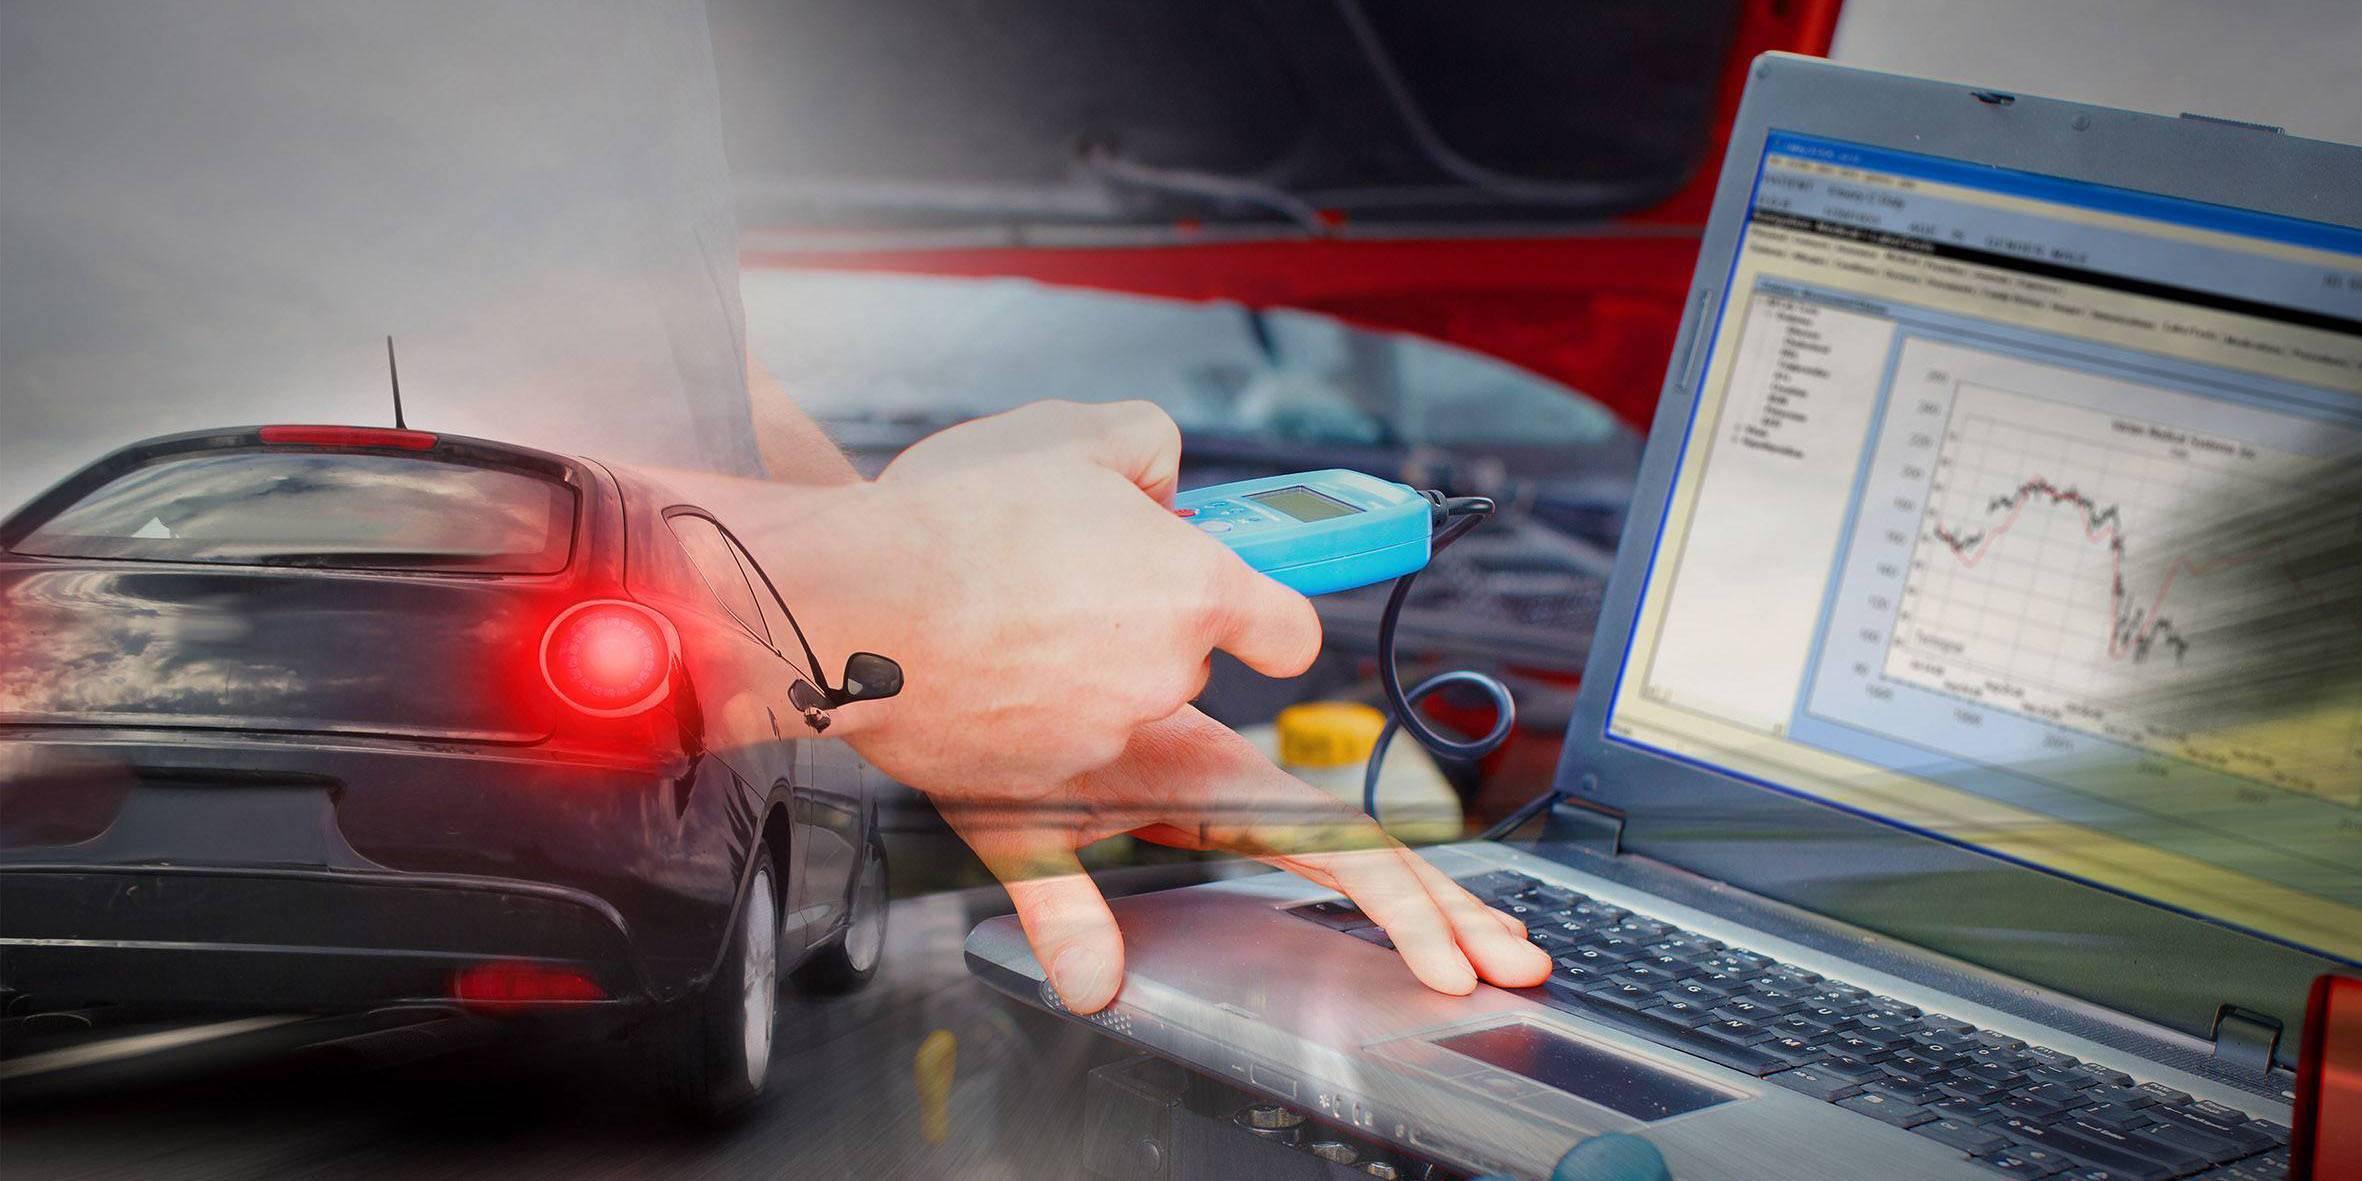 Jármű támogatás, CAN-BUS rendszer